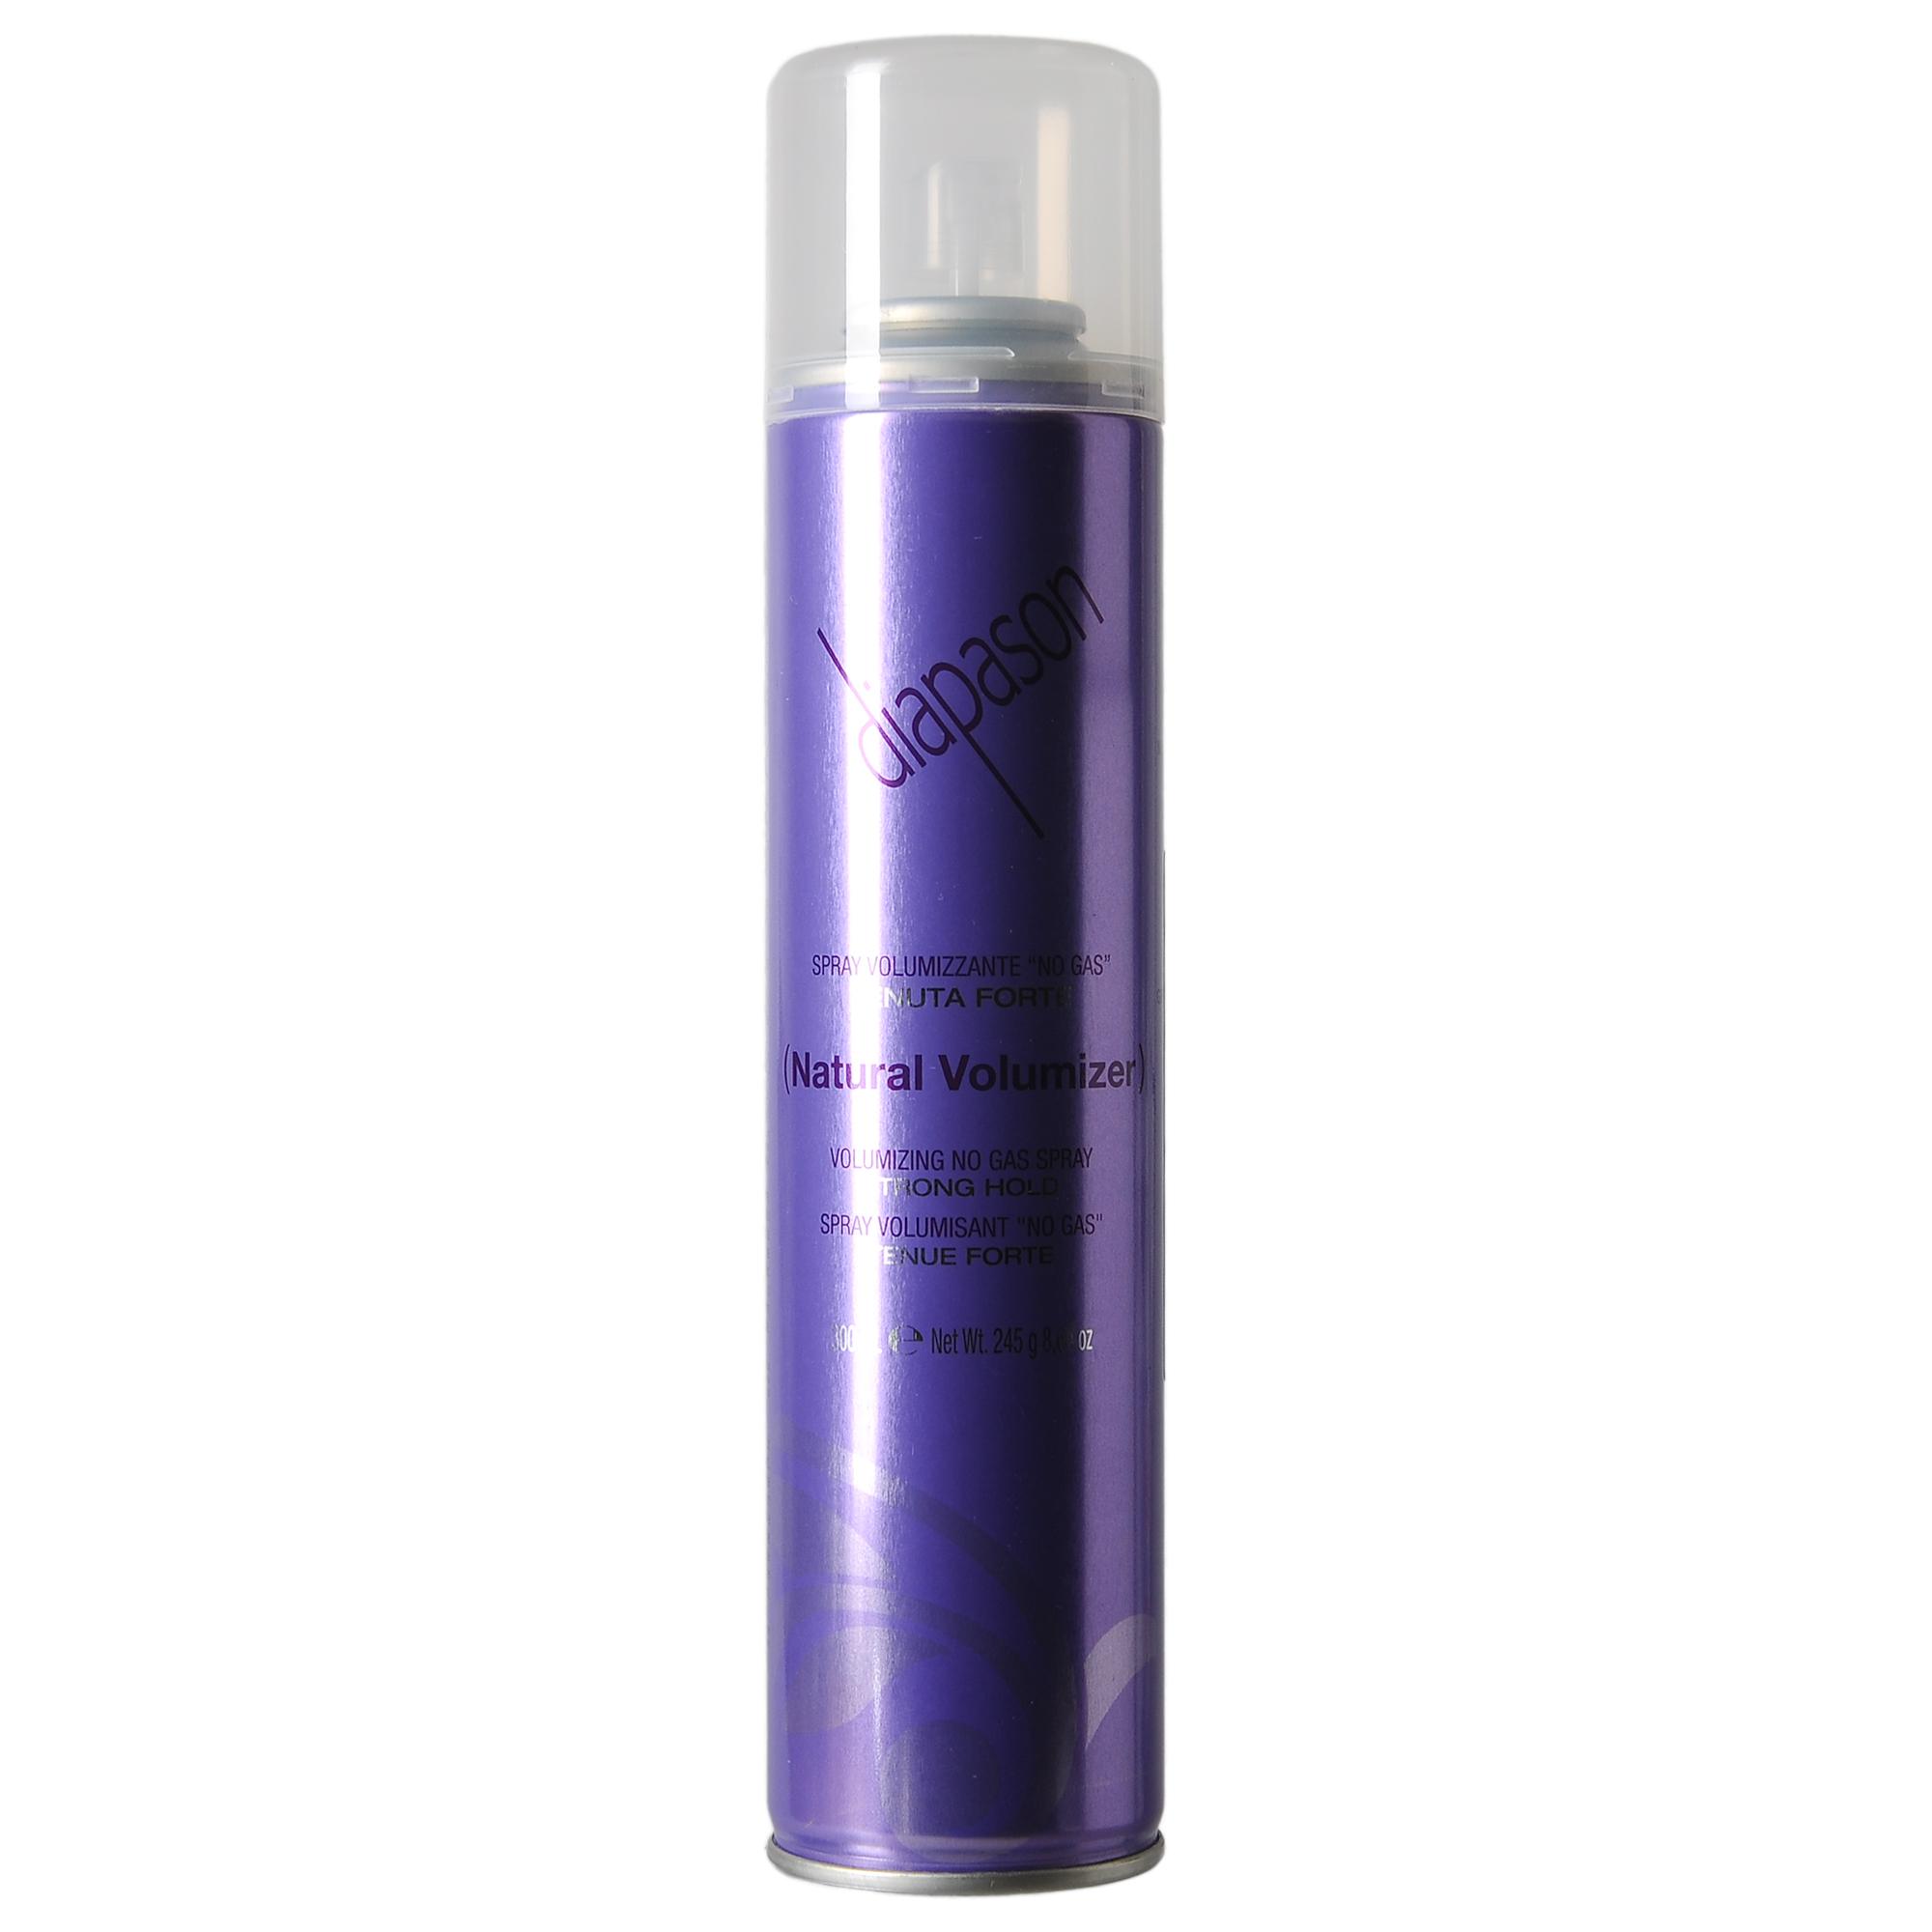 LISAP MILANO Лак профессиональный для волос без газа сильной фиксации / Diapason Volumizing no Gas Strong 300млЛаки<br>Спрей сильной фиксации высокого качества используется для создания объема, гибкая фиксация и блеск, идеальнен для всех техник стайлинга. Лак для укладки Lisap Diapason Volumizing No Gas Spray оставляет волосы блестящими, обеспечивая длительный увлажняющий эффект. Лак также устойчив при повышенной влажности, защищает волосы от негативных воздействий окружающей среды. Не содержит газа! Способ применения: распылить на готовую укладку.<br><br>Объем: 300 мл<br>Вид средства для волос: Увлажняющий<br>Класс косметики: Профессиональная